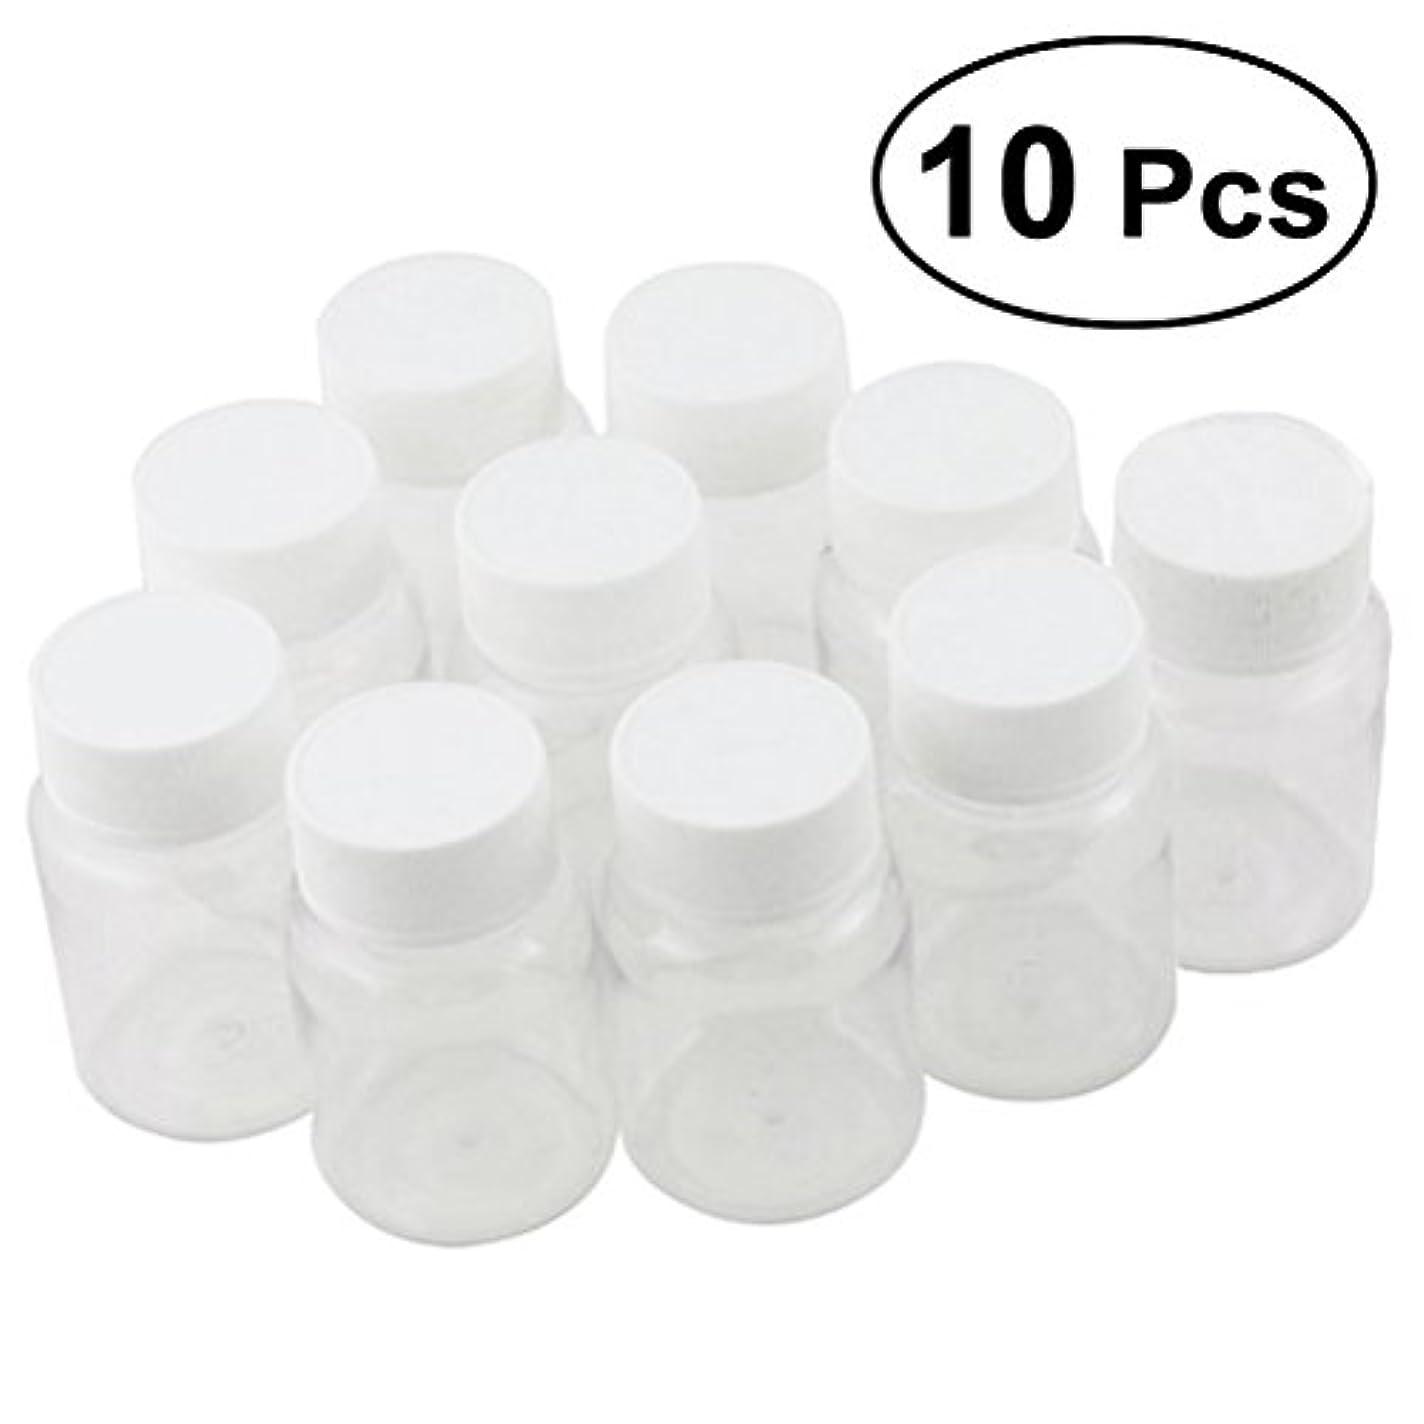 床を掃除するエンコミウム劇作家ULTNICE 小分けボトル 広口 クリア 詰め替え容器 薬保存 ビーズ収納 液体 10個セット